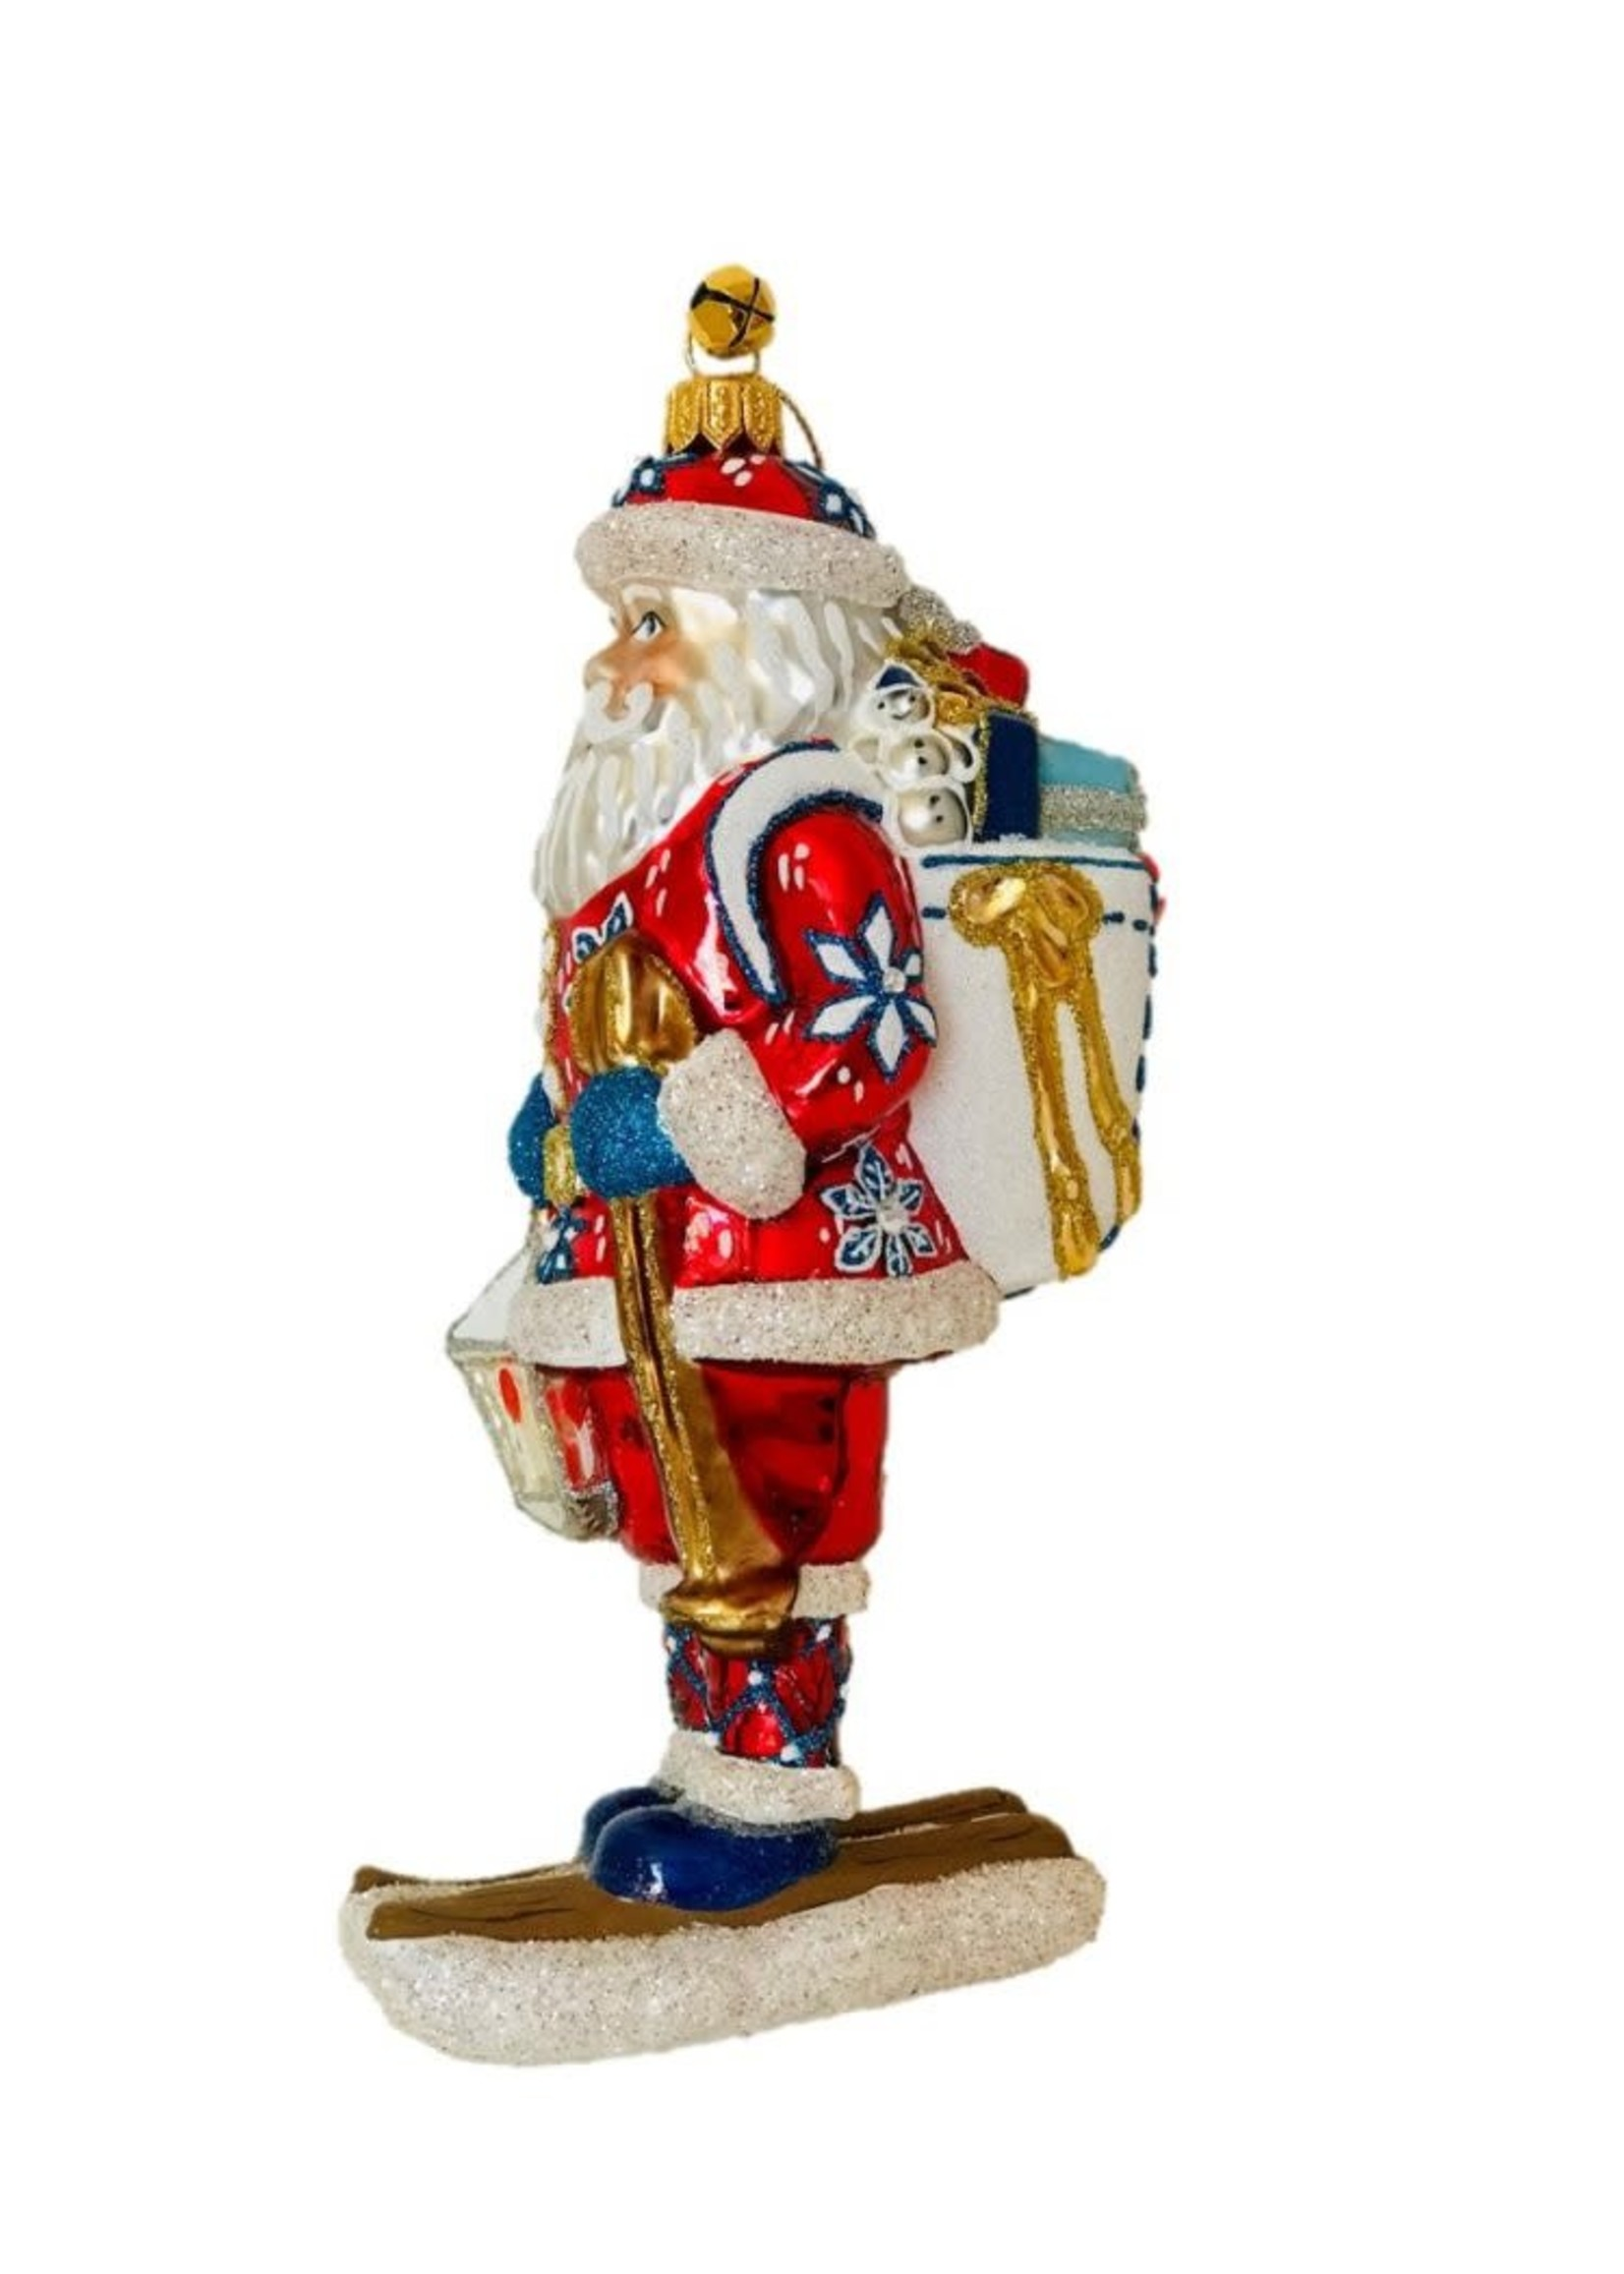 Jingle Nog Ornament - Denali Deliveries